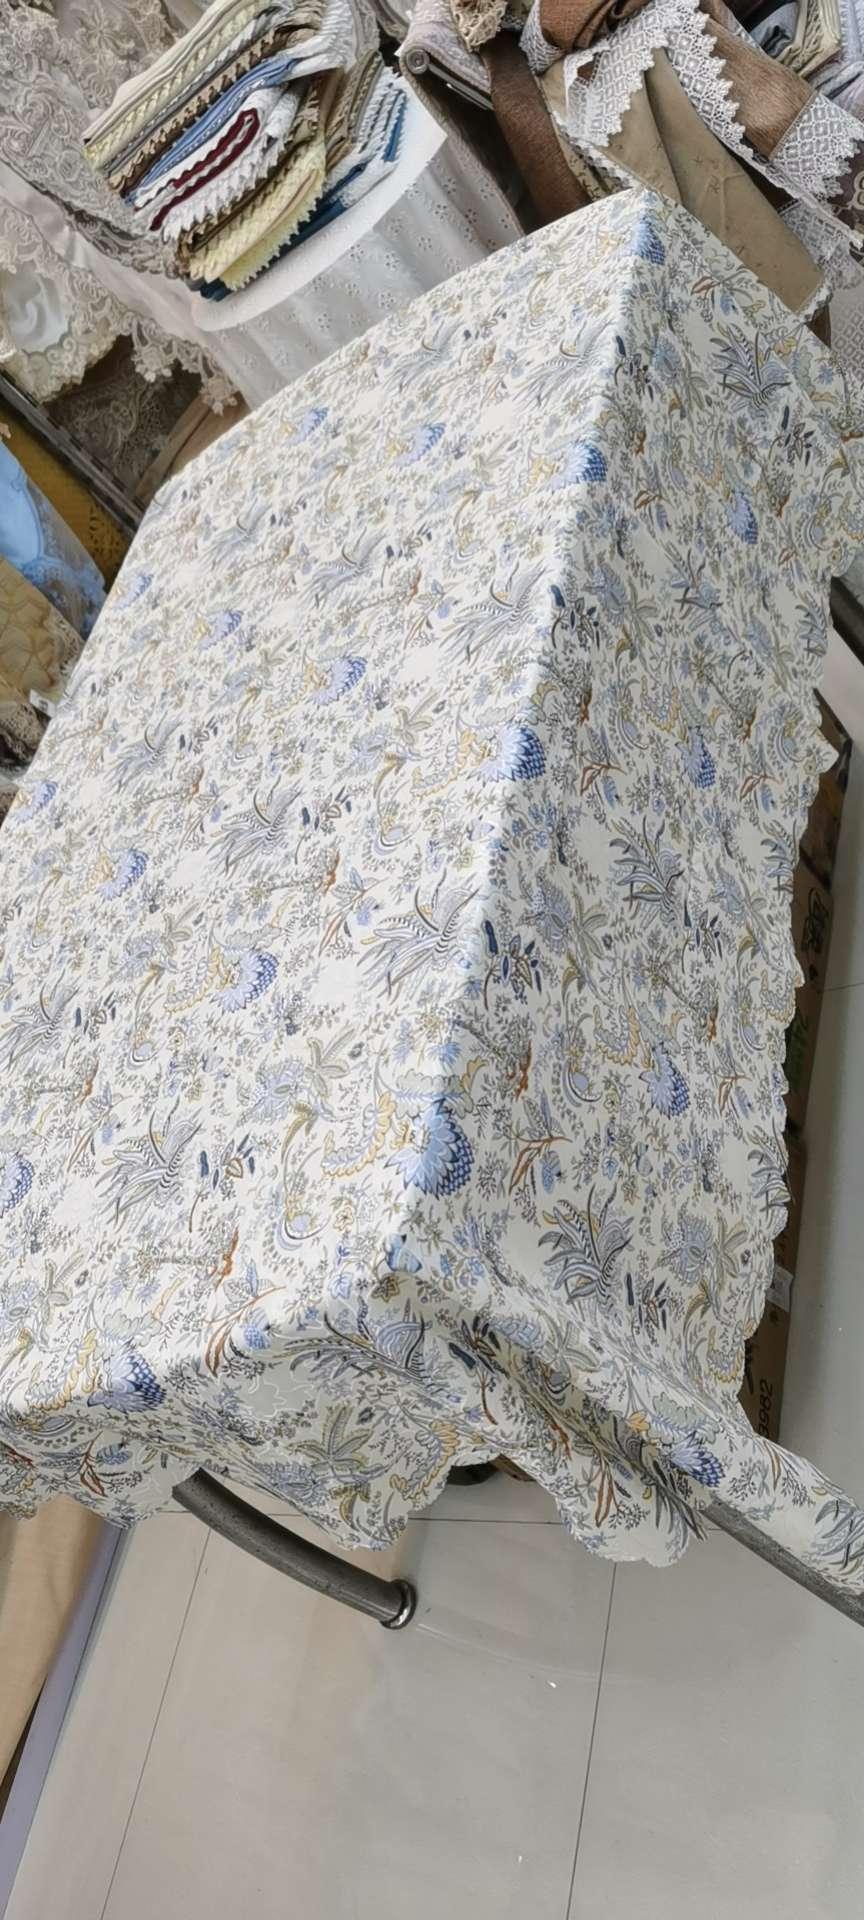 田园风桌布 简约制作工艺 花型可选 130*180cm ¥16 200片起